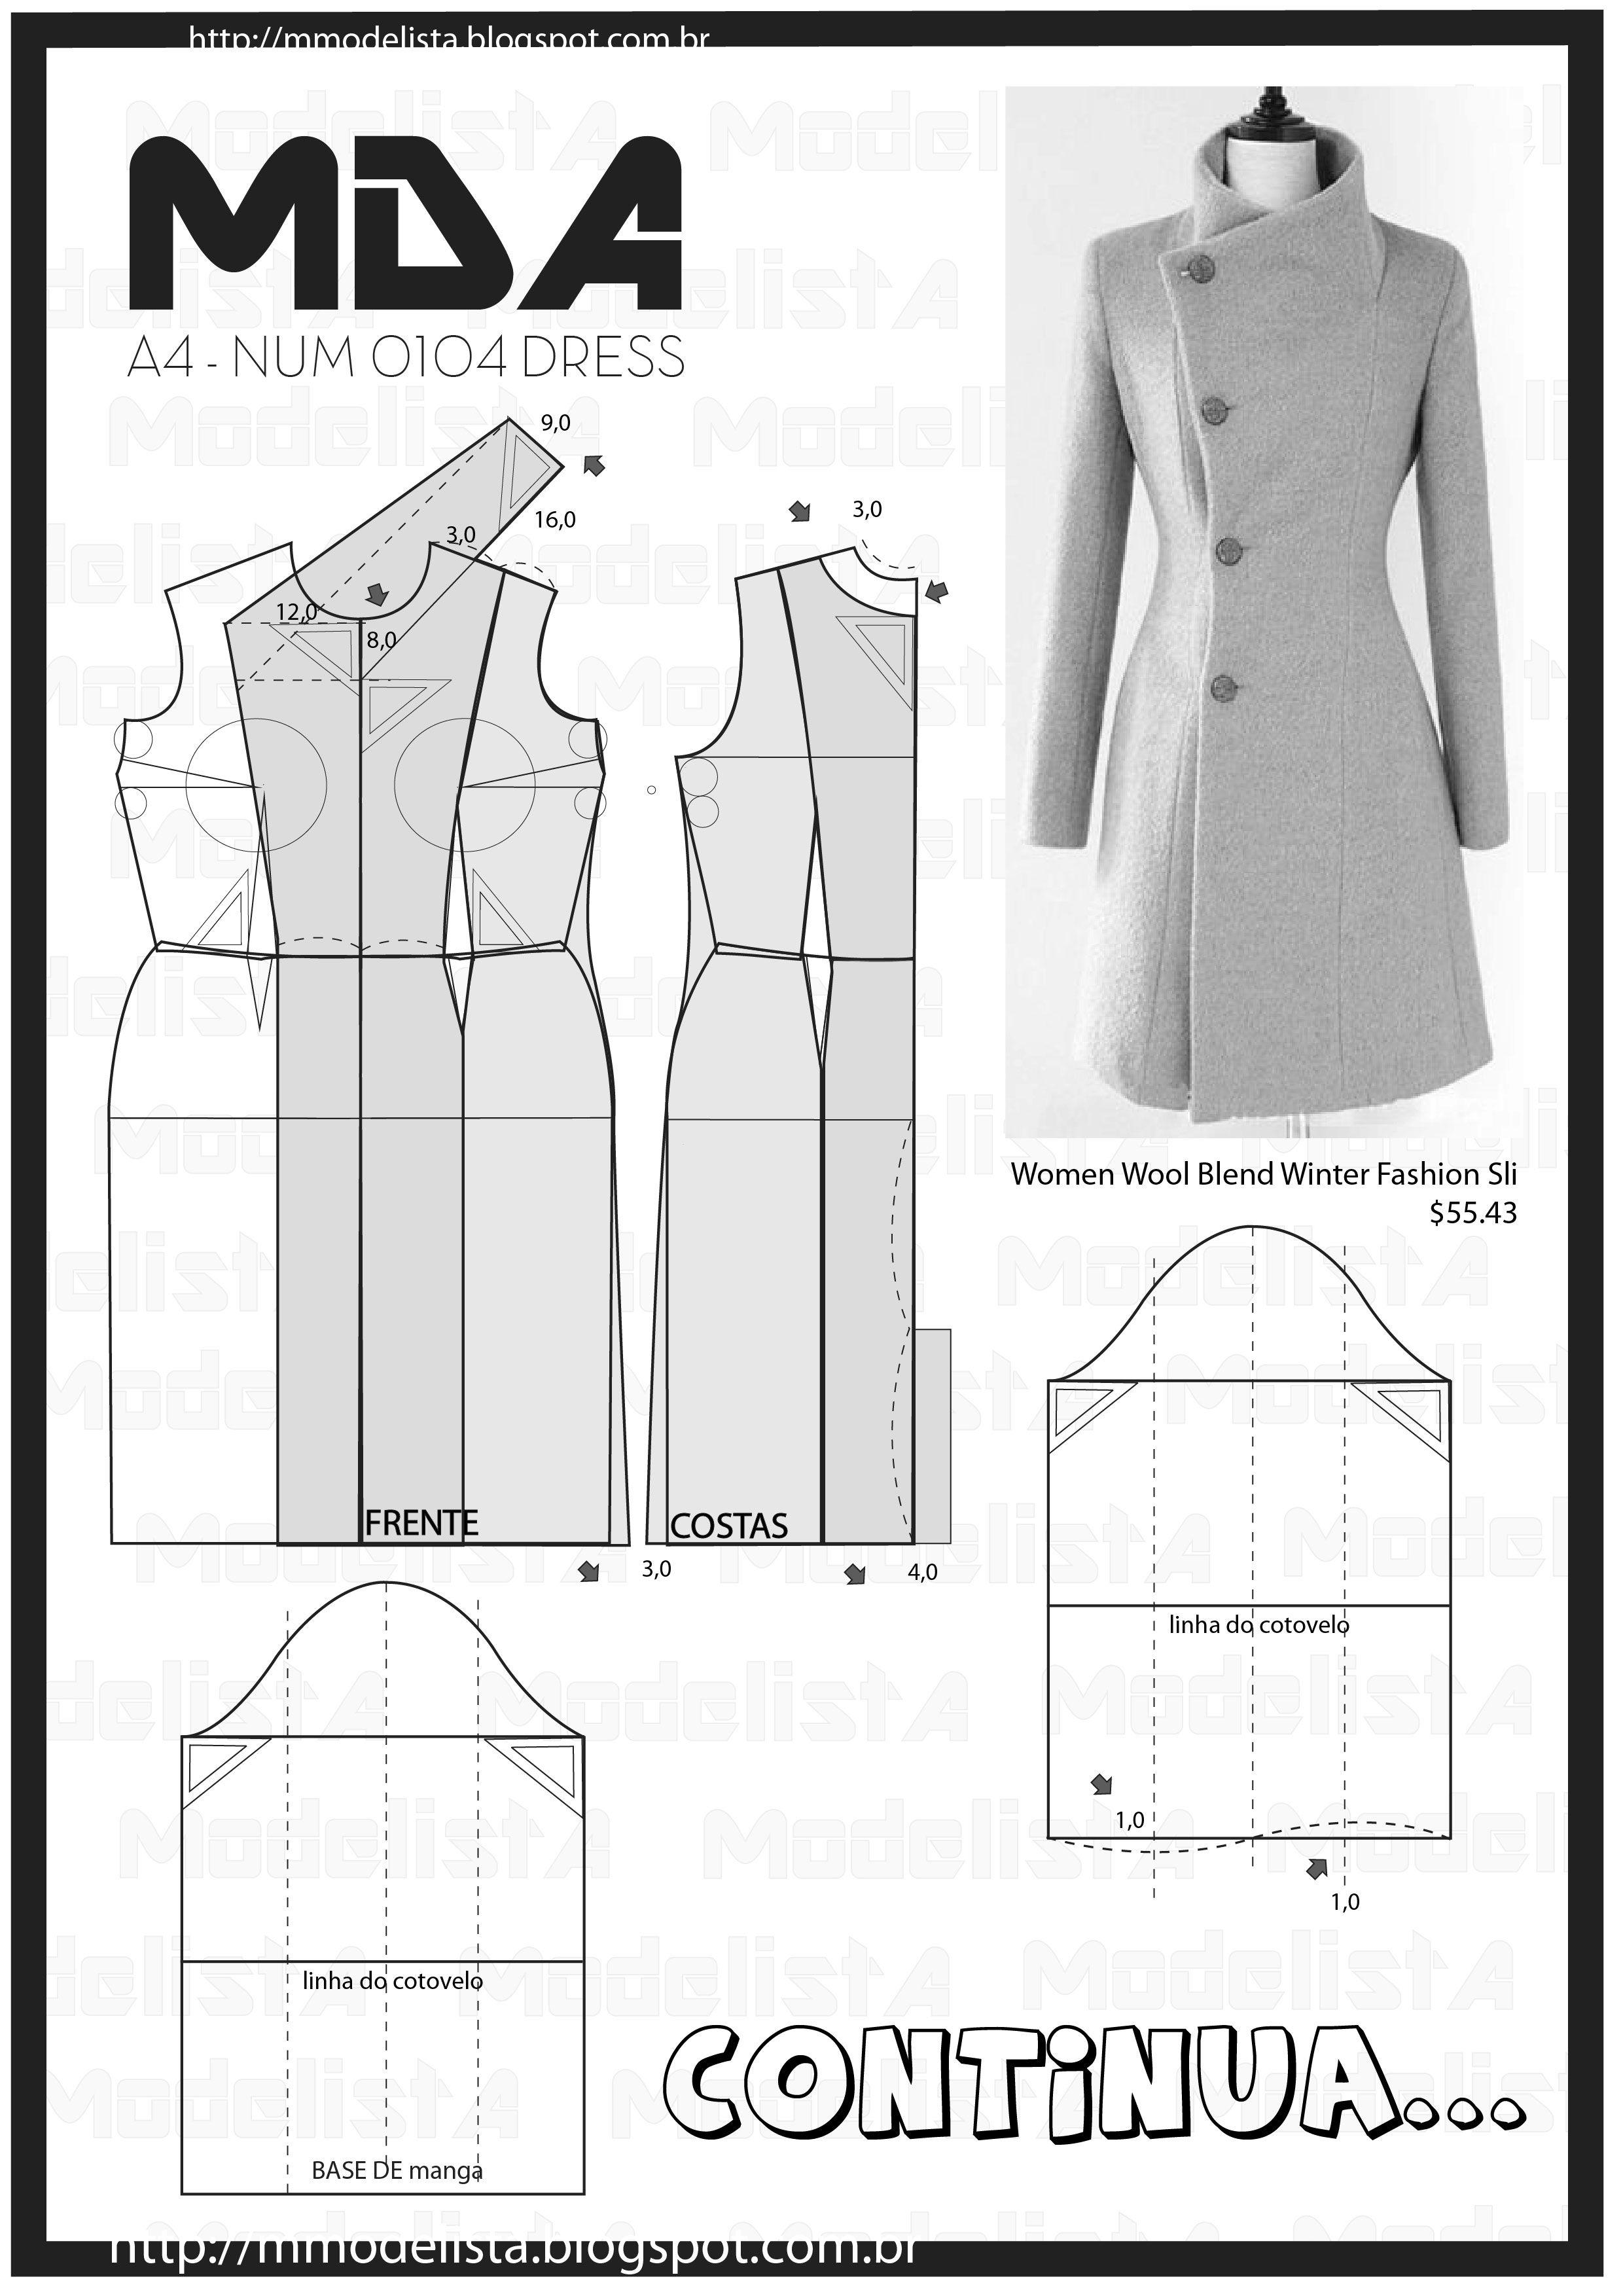 ModelistA | Abrigos, Costura y Molde